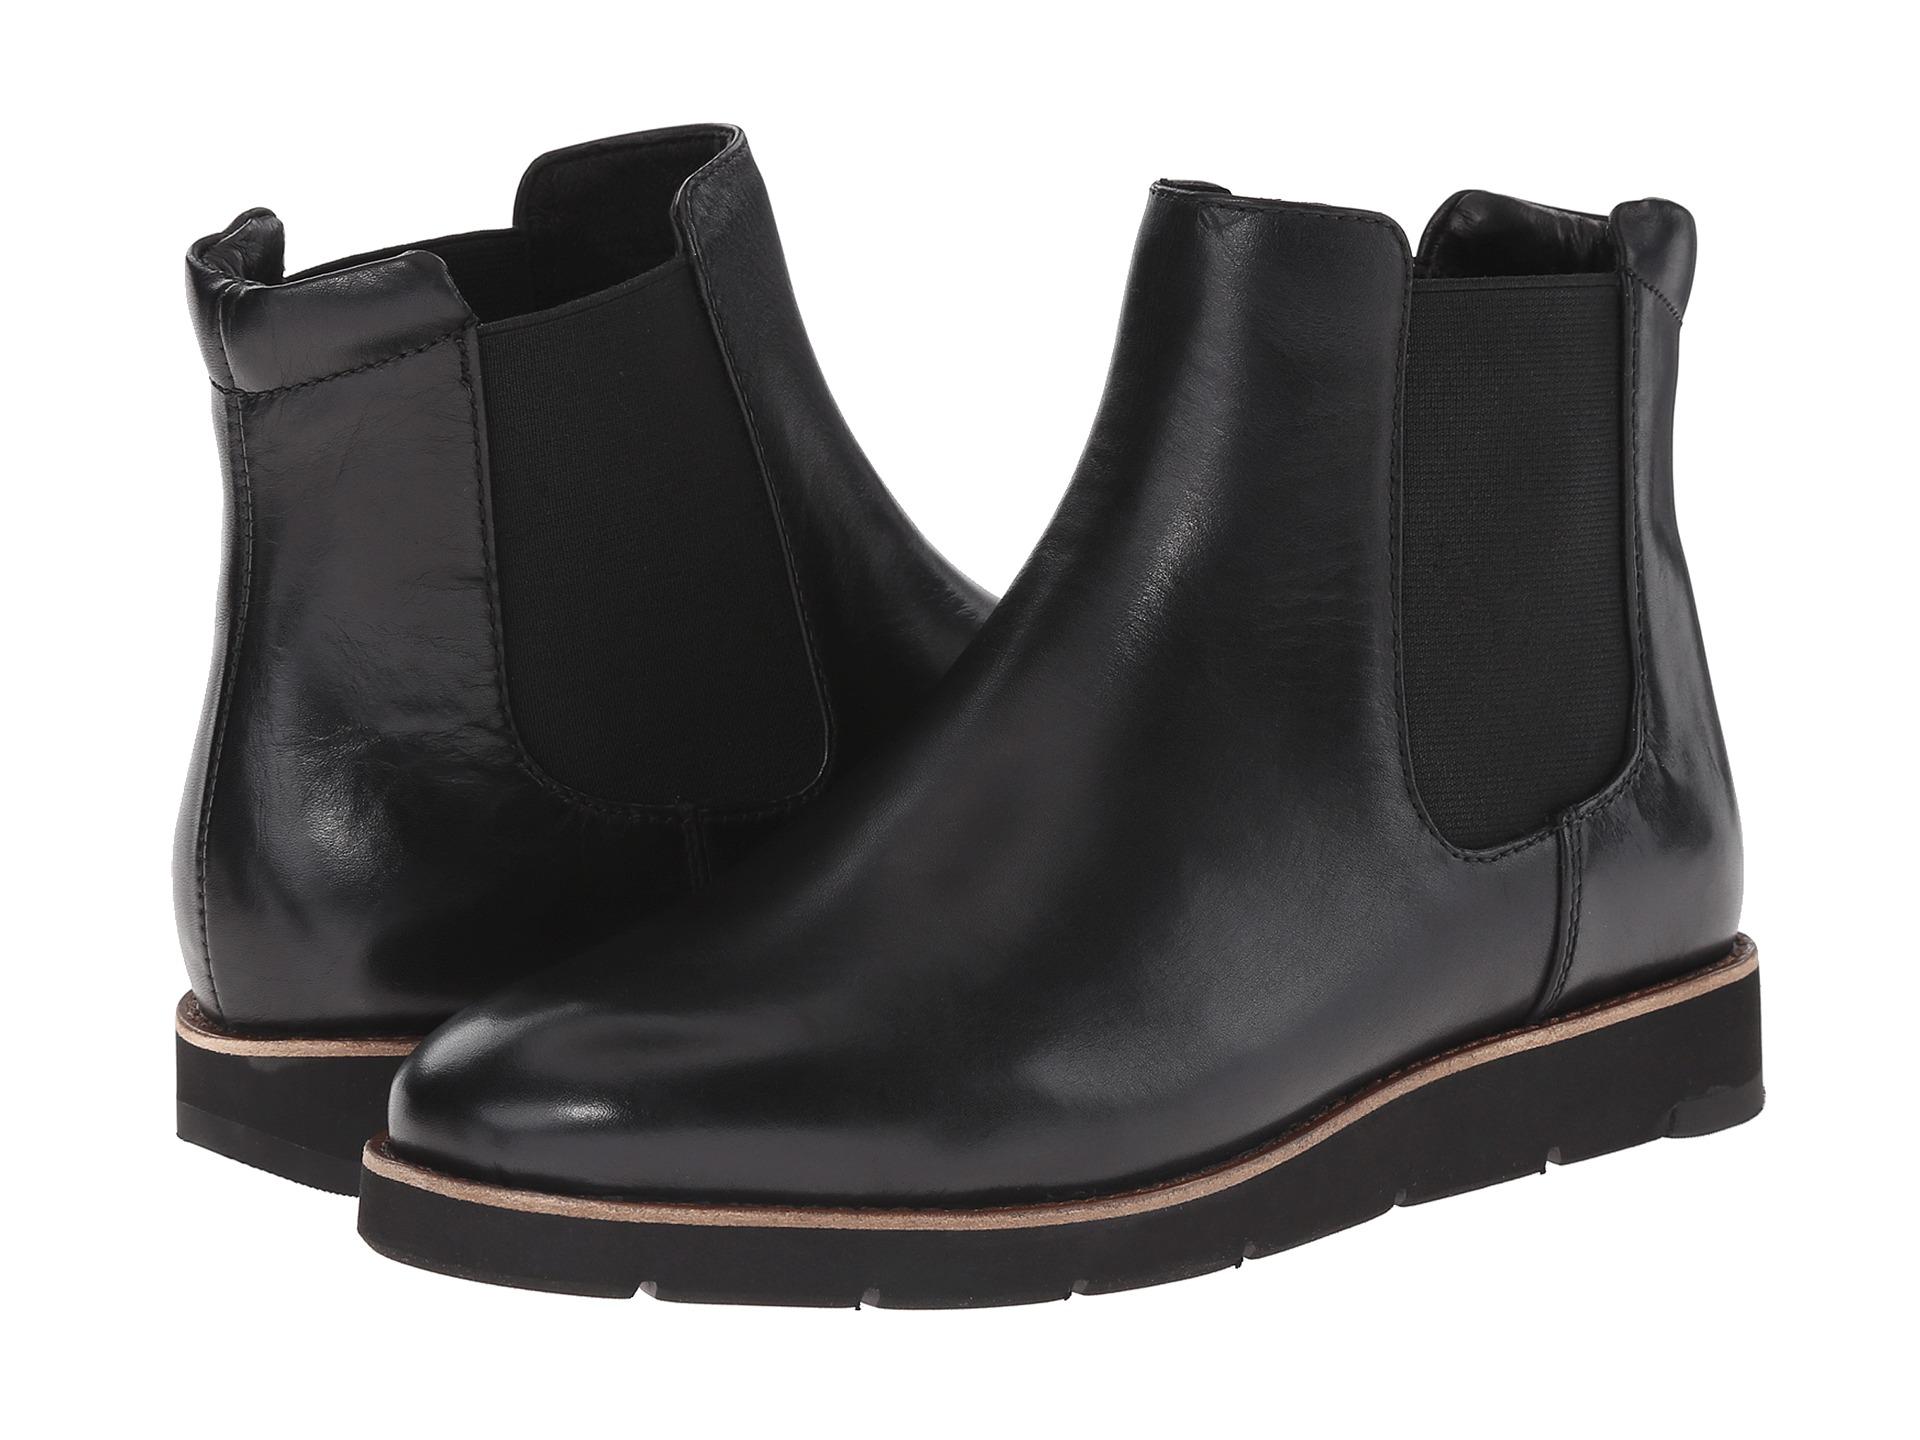 Johnston & Murphy Bree Gore Ankle Boot Charcoal Italian Waterproof ...